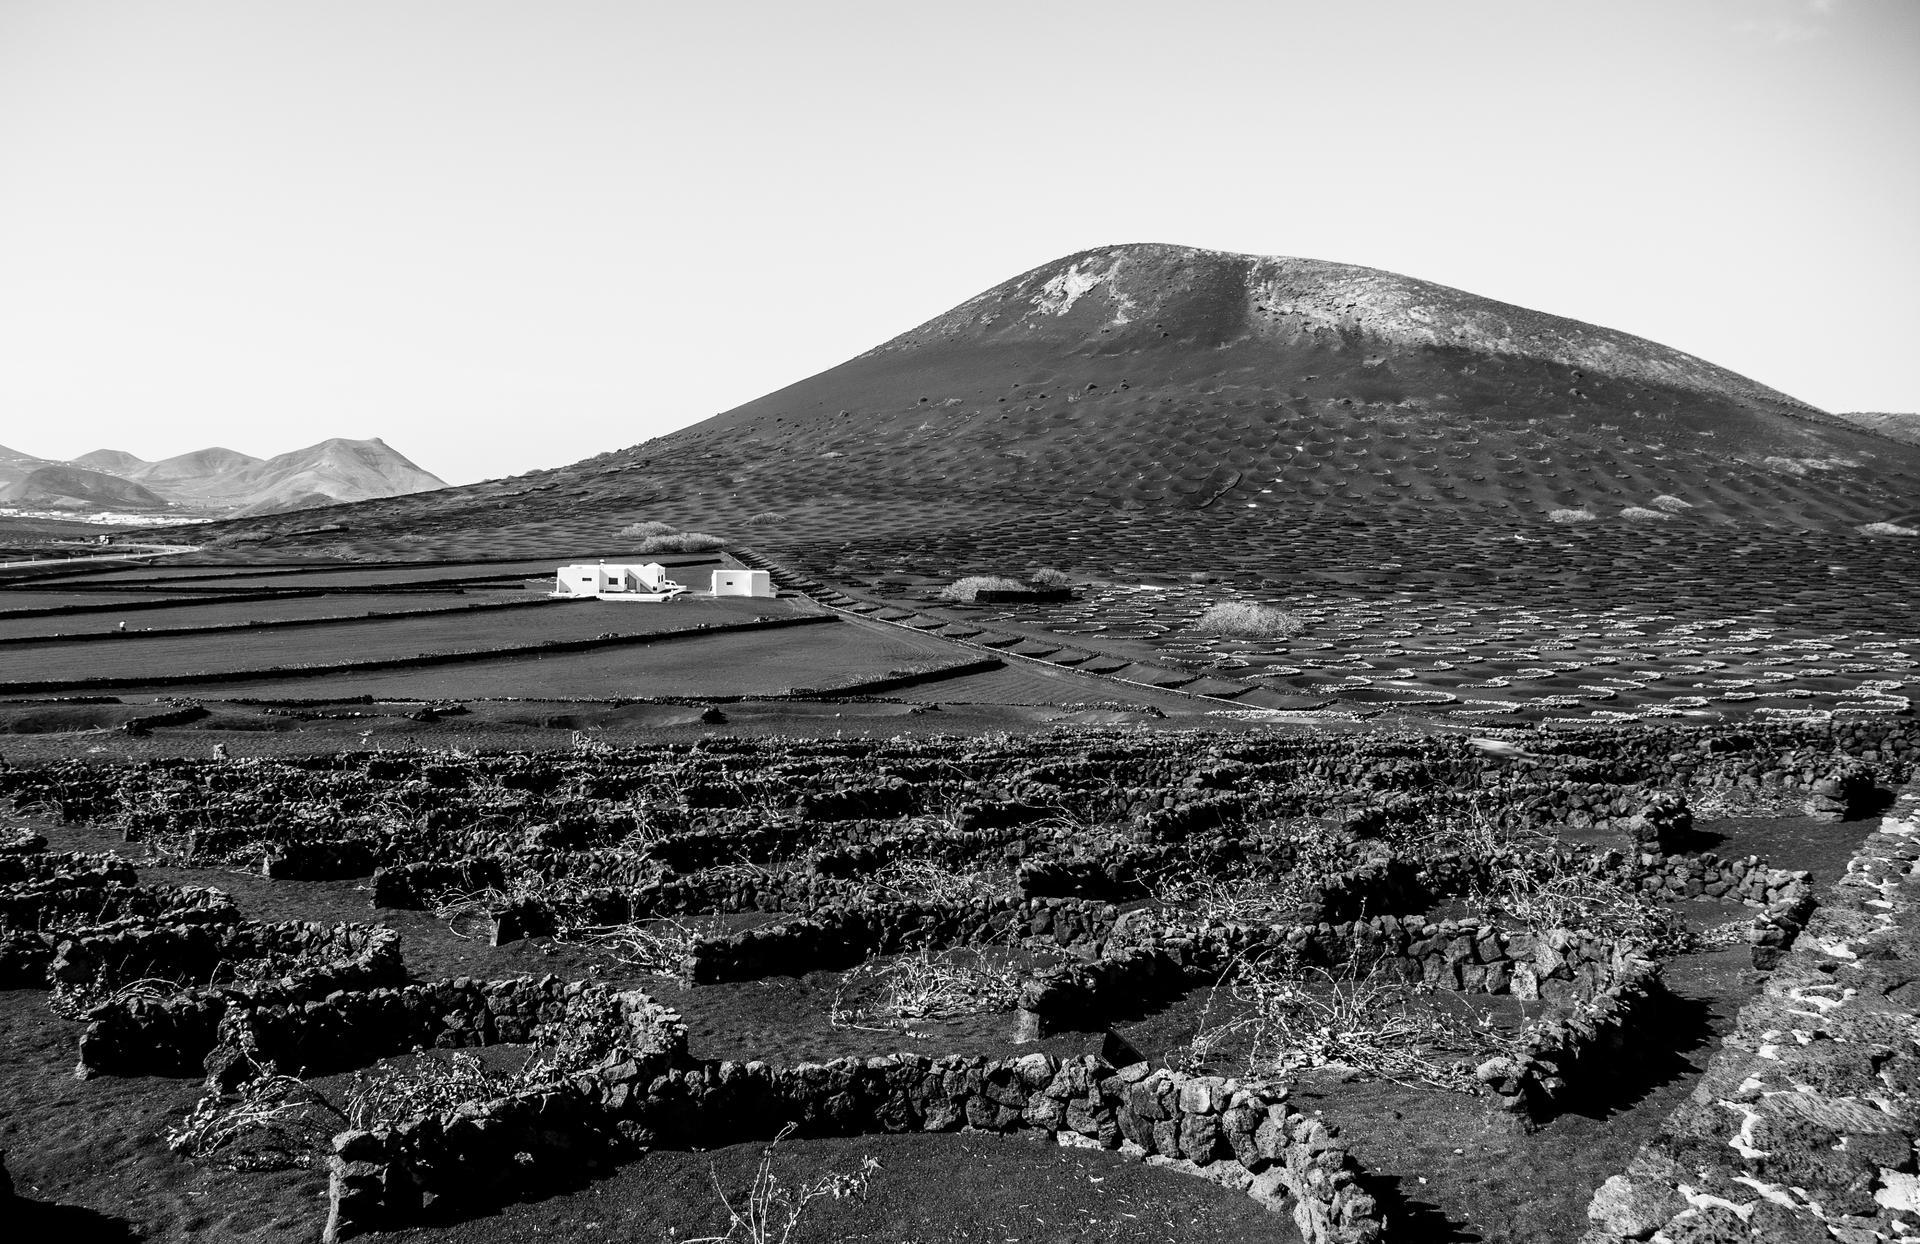 Lanzarote - Vinyard